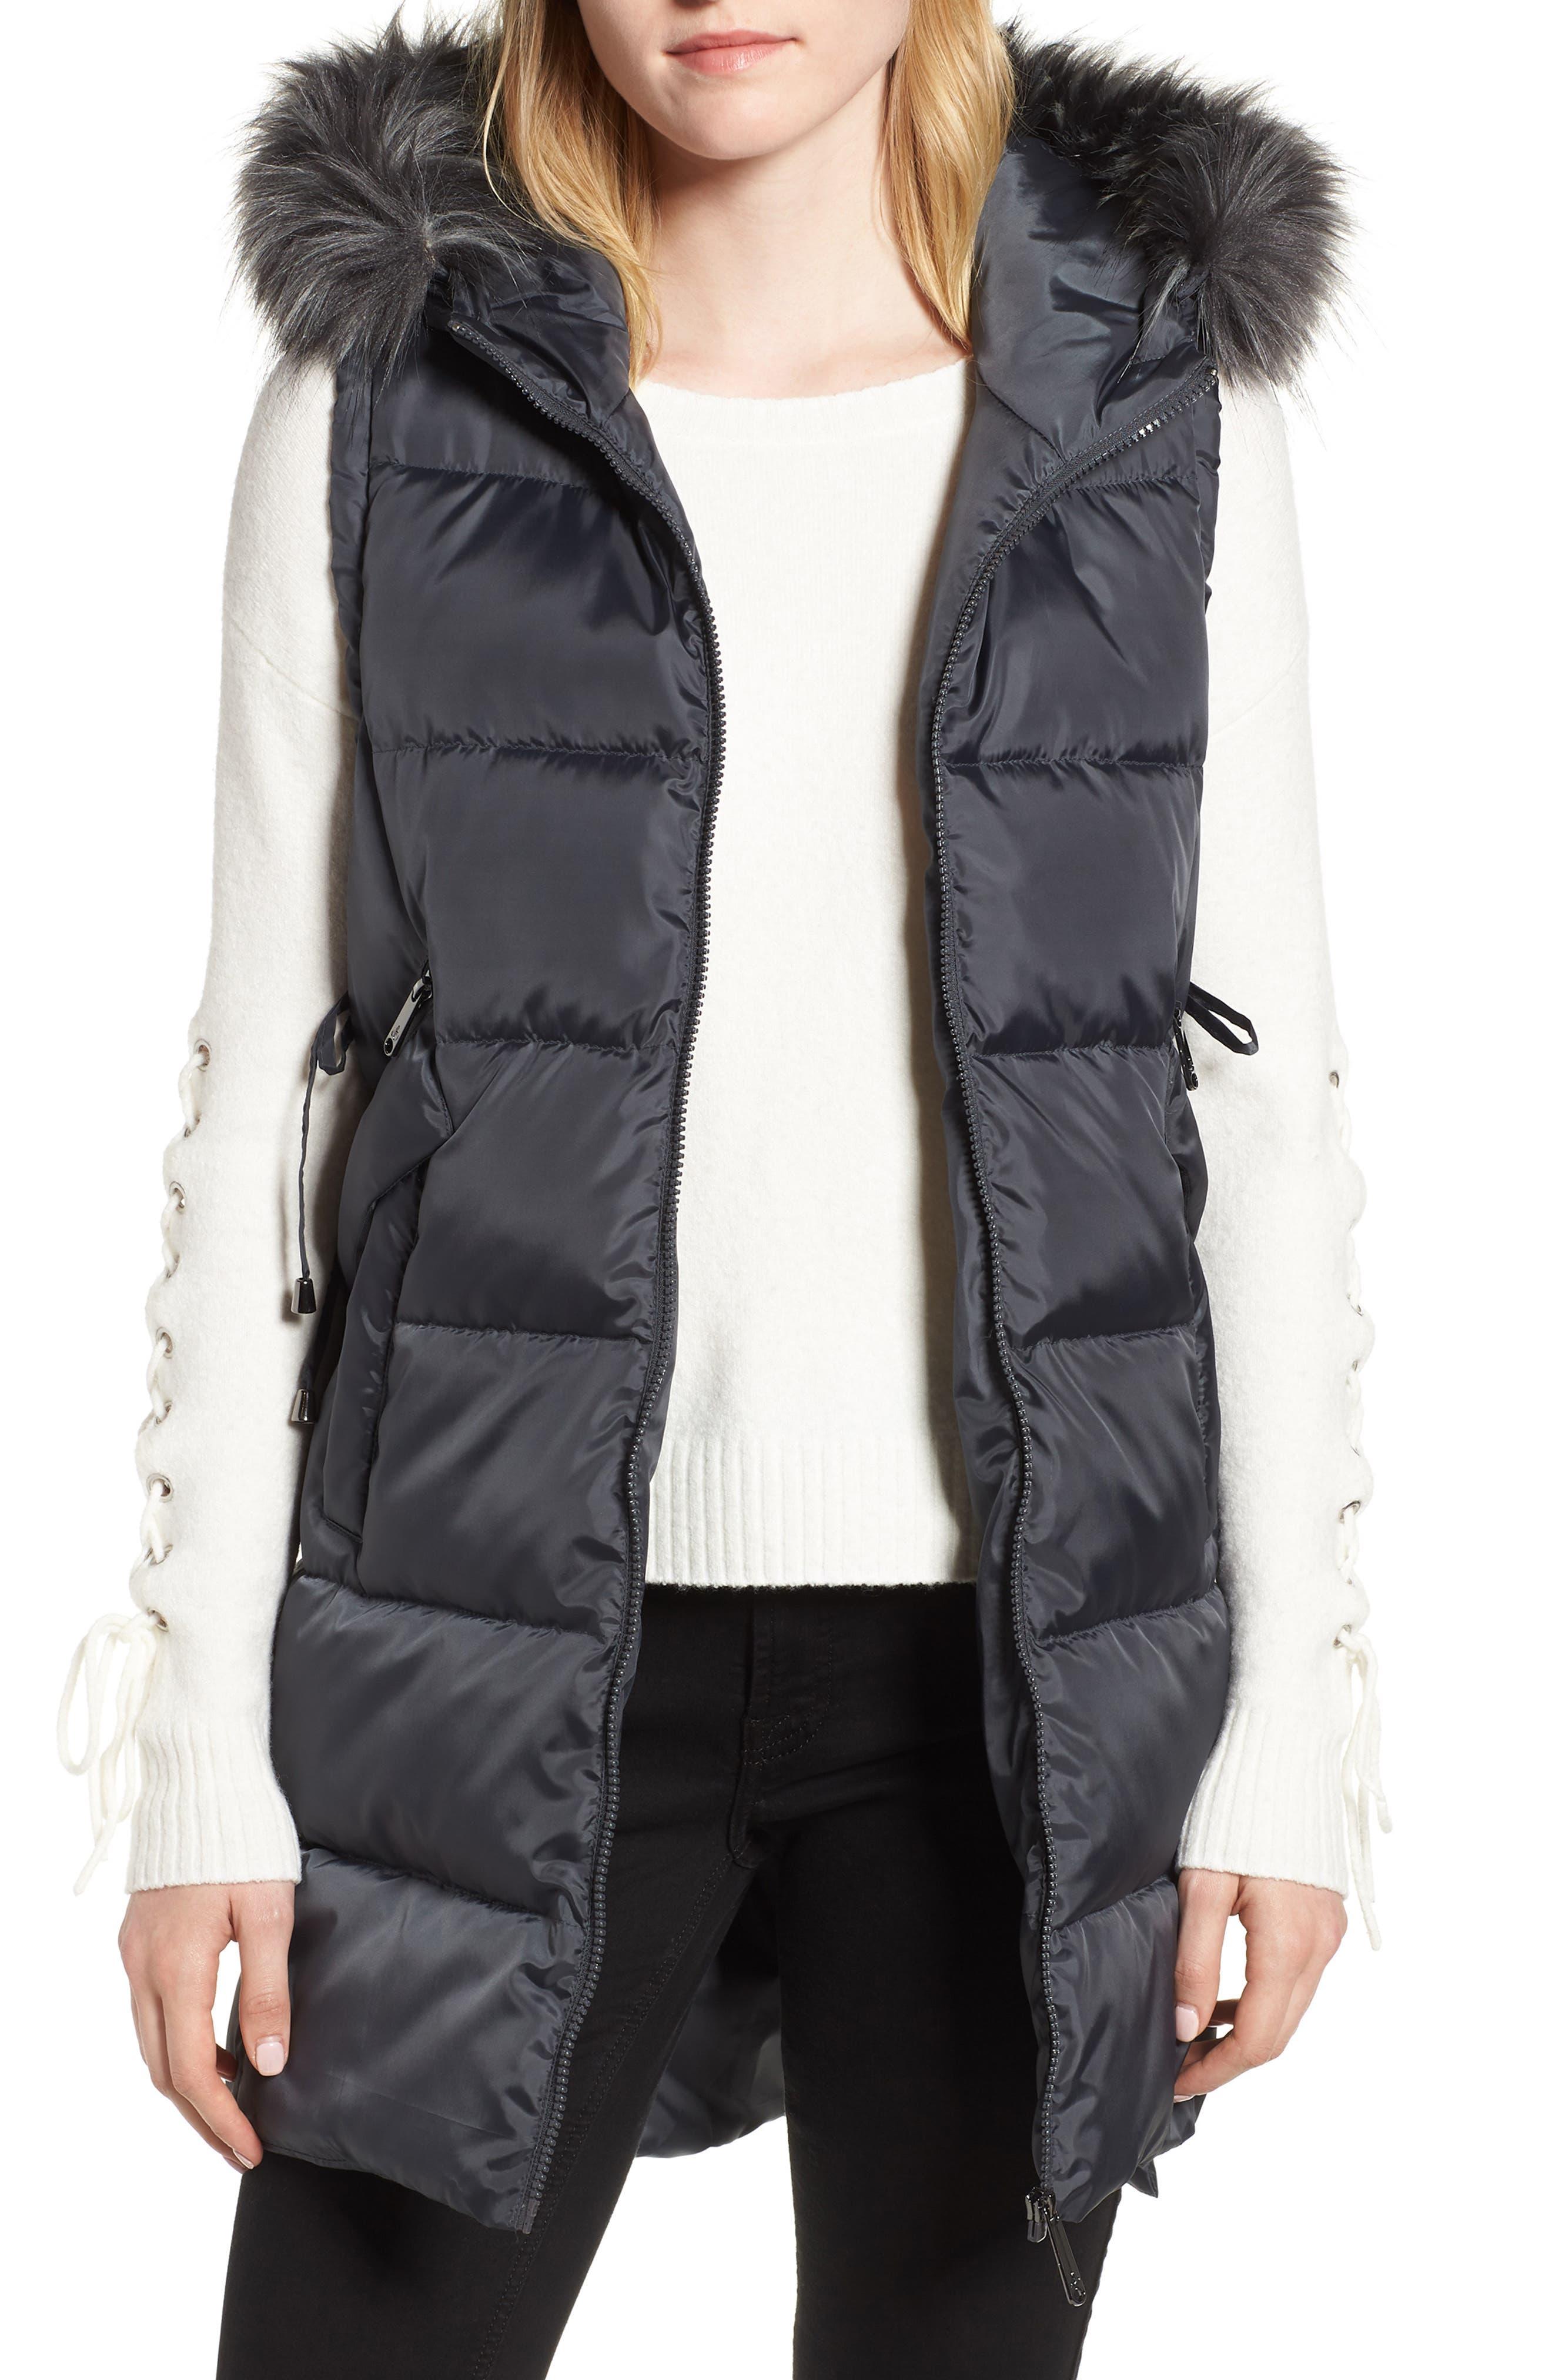 SAM EDELMAN, Faux Fur Trim Hooded Side-Tie Vest, Main thumbnail 1, color, 036